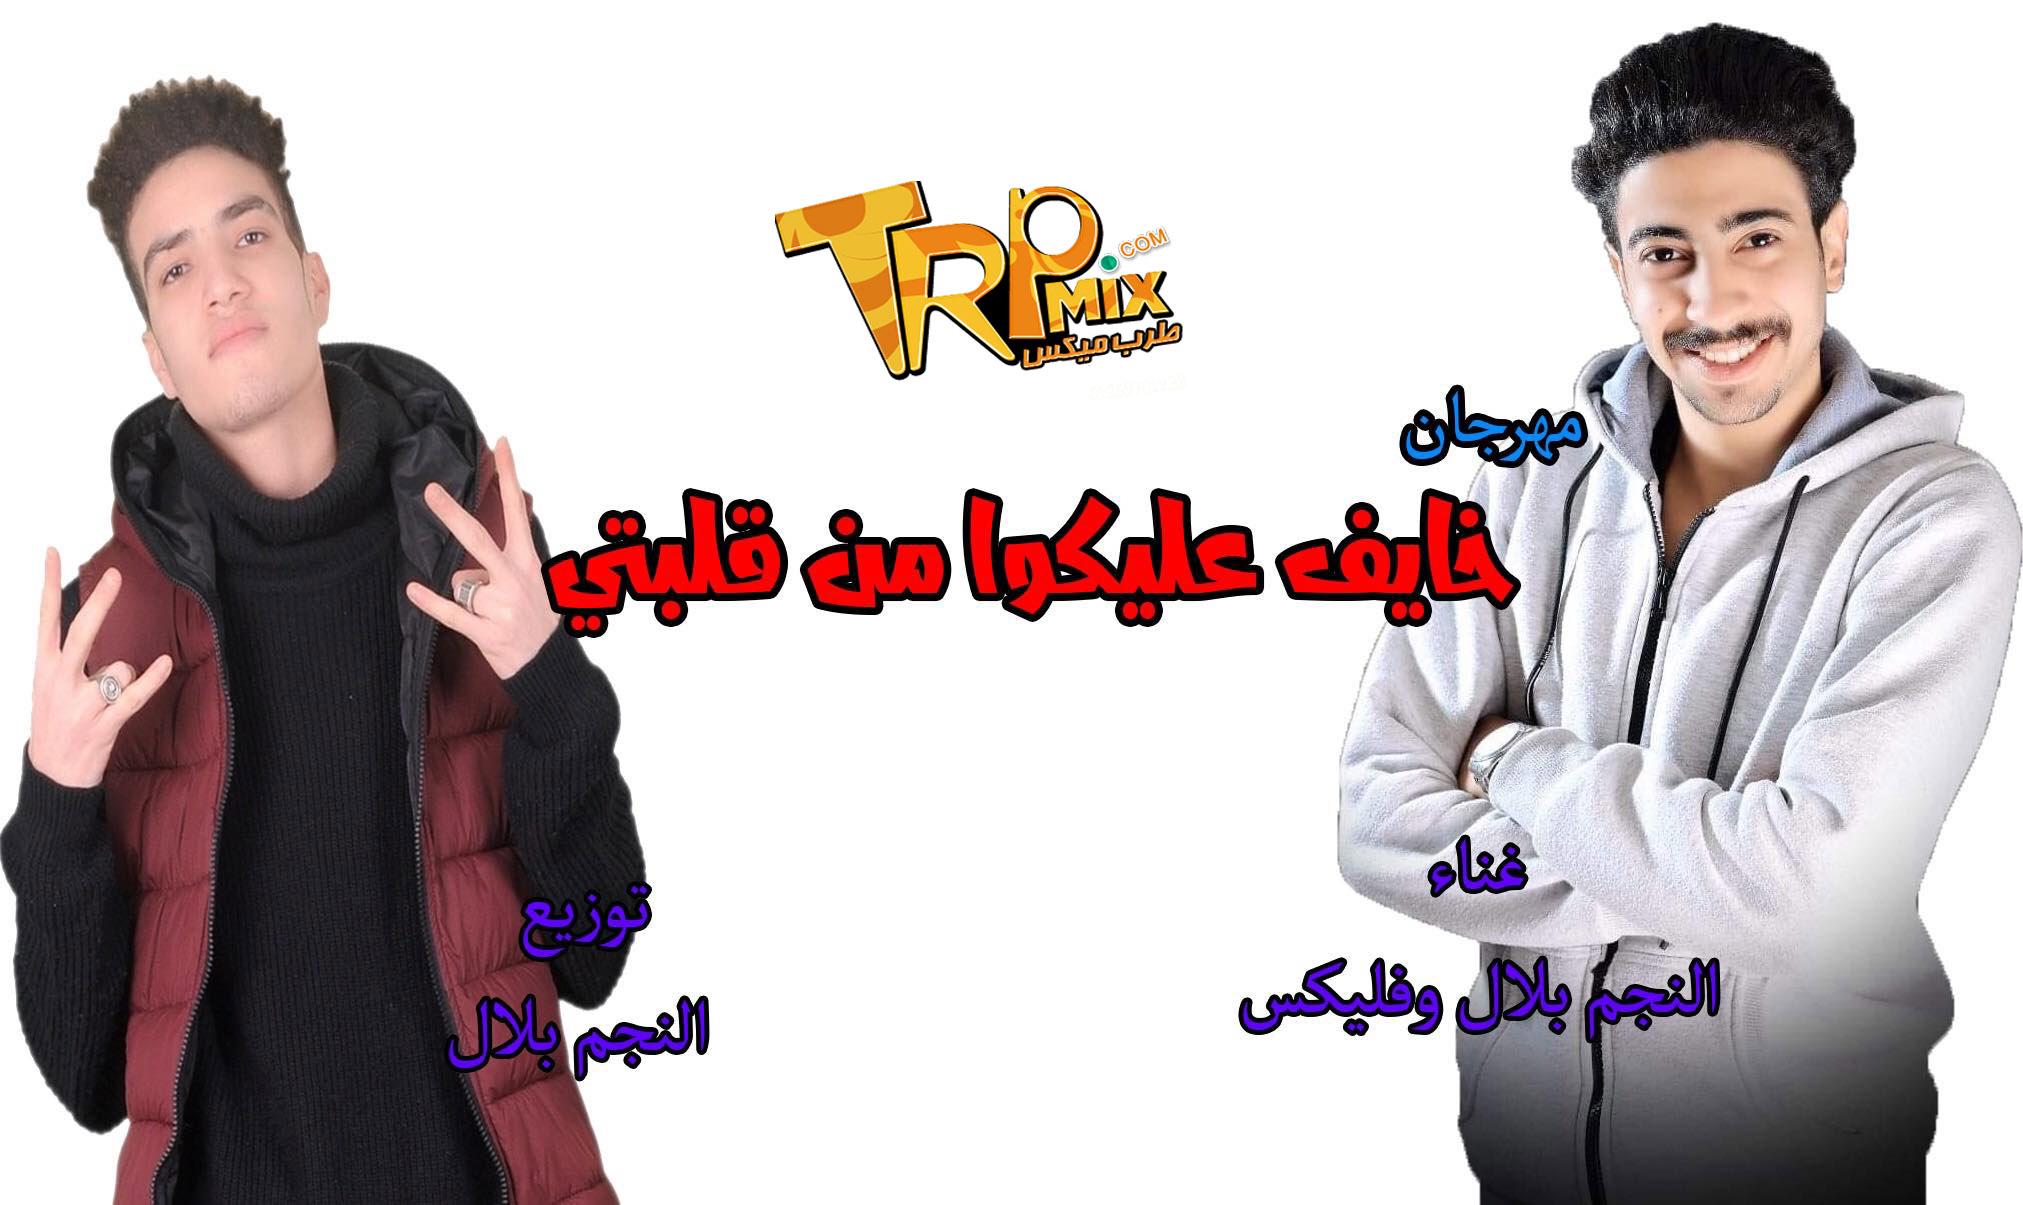 مهرجان خايف عليكو من قلبتي النجم بلال وفليكس توزيع النجم بلال